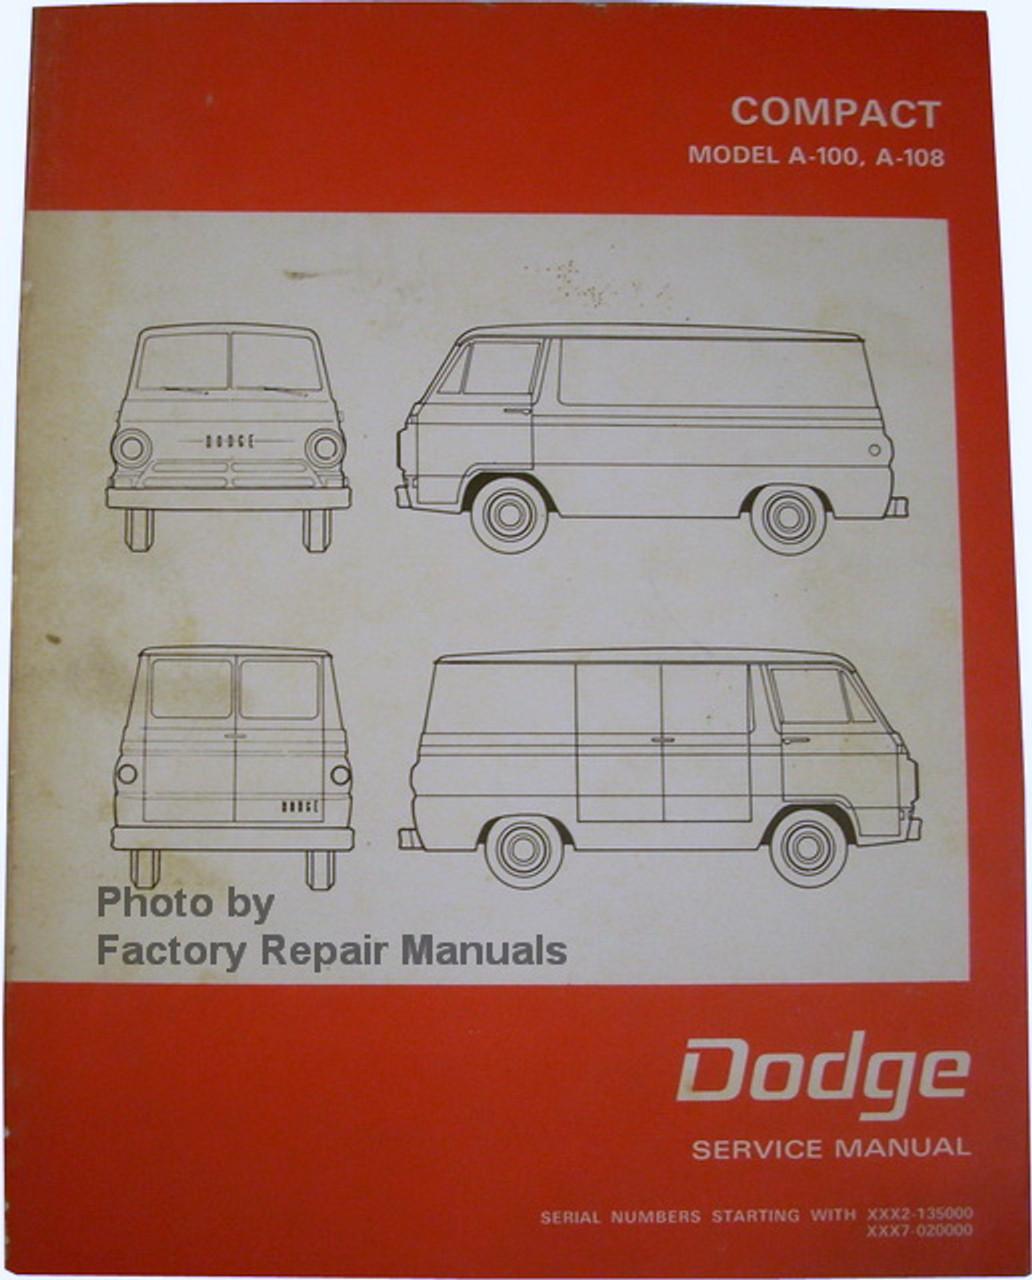 1970 dodge a100 wiring diagram 1968 1970 dodge a100  a108 compact van and pickup factory shop  1968 1970 dodge a100  a108 compact van